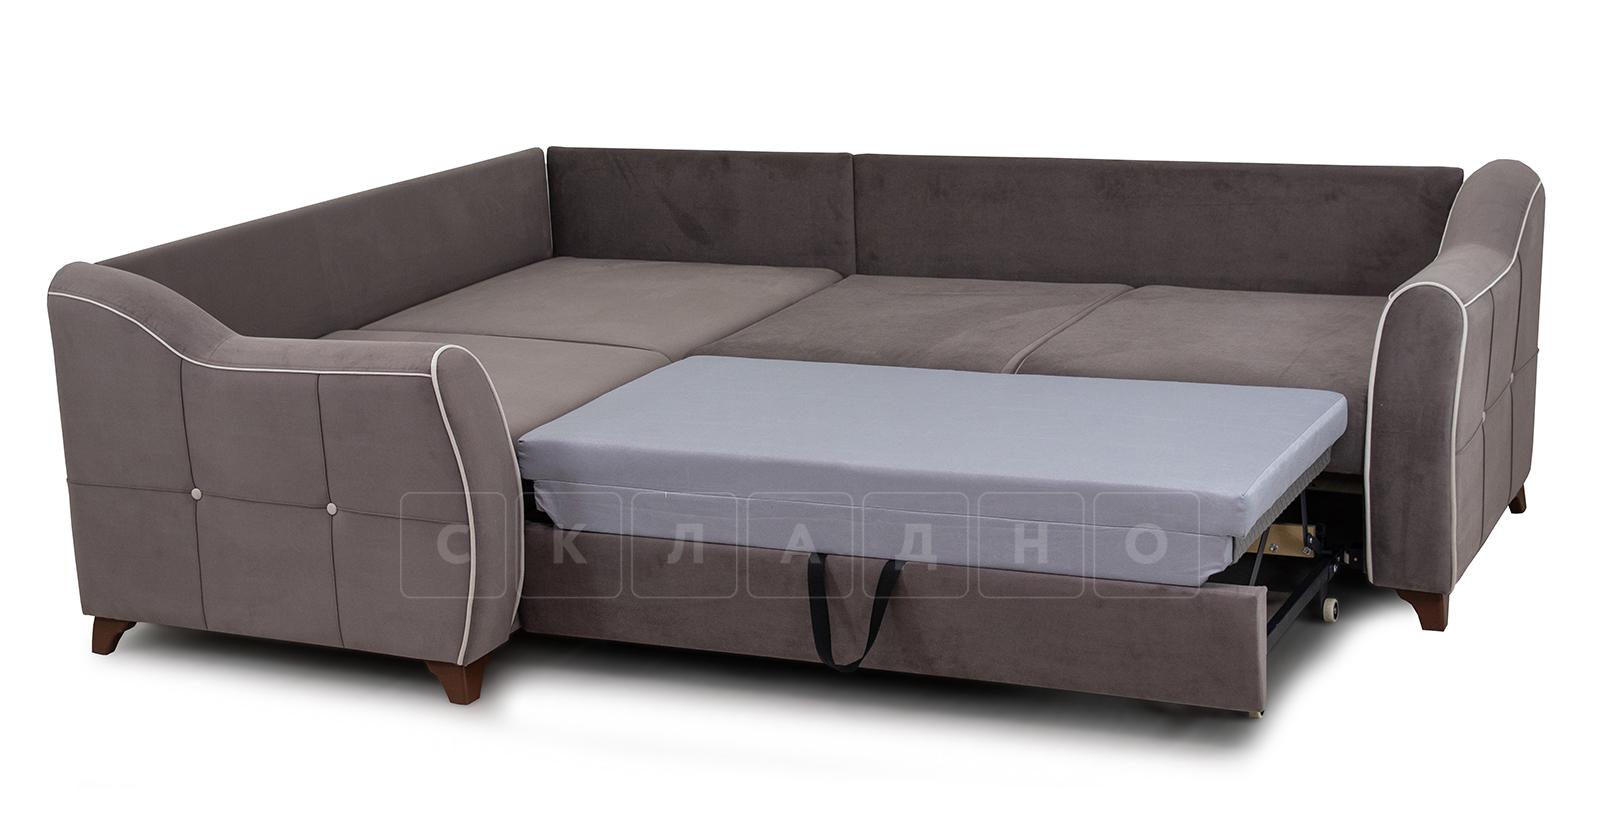 Диван-кровать угловой Флэтфорд шоколад фото 6 | интернет-магазин Складно